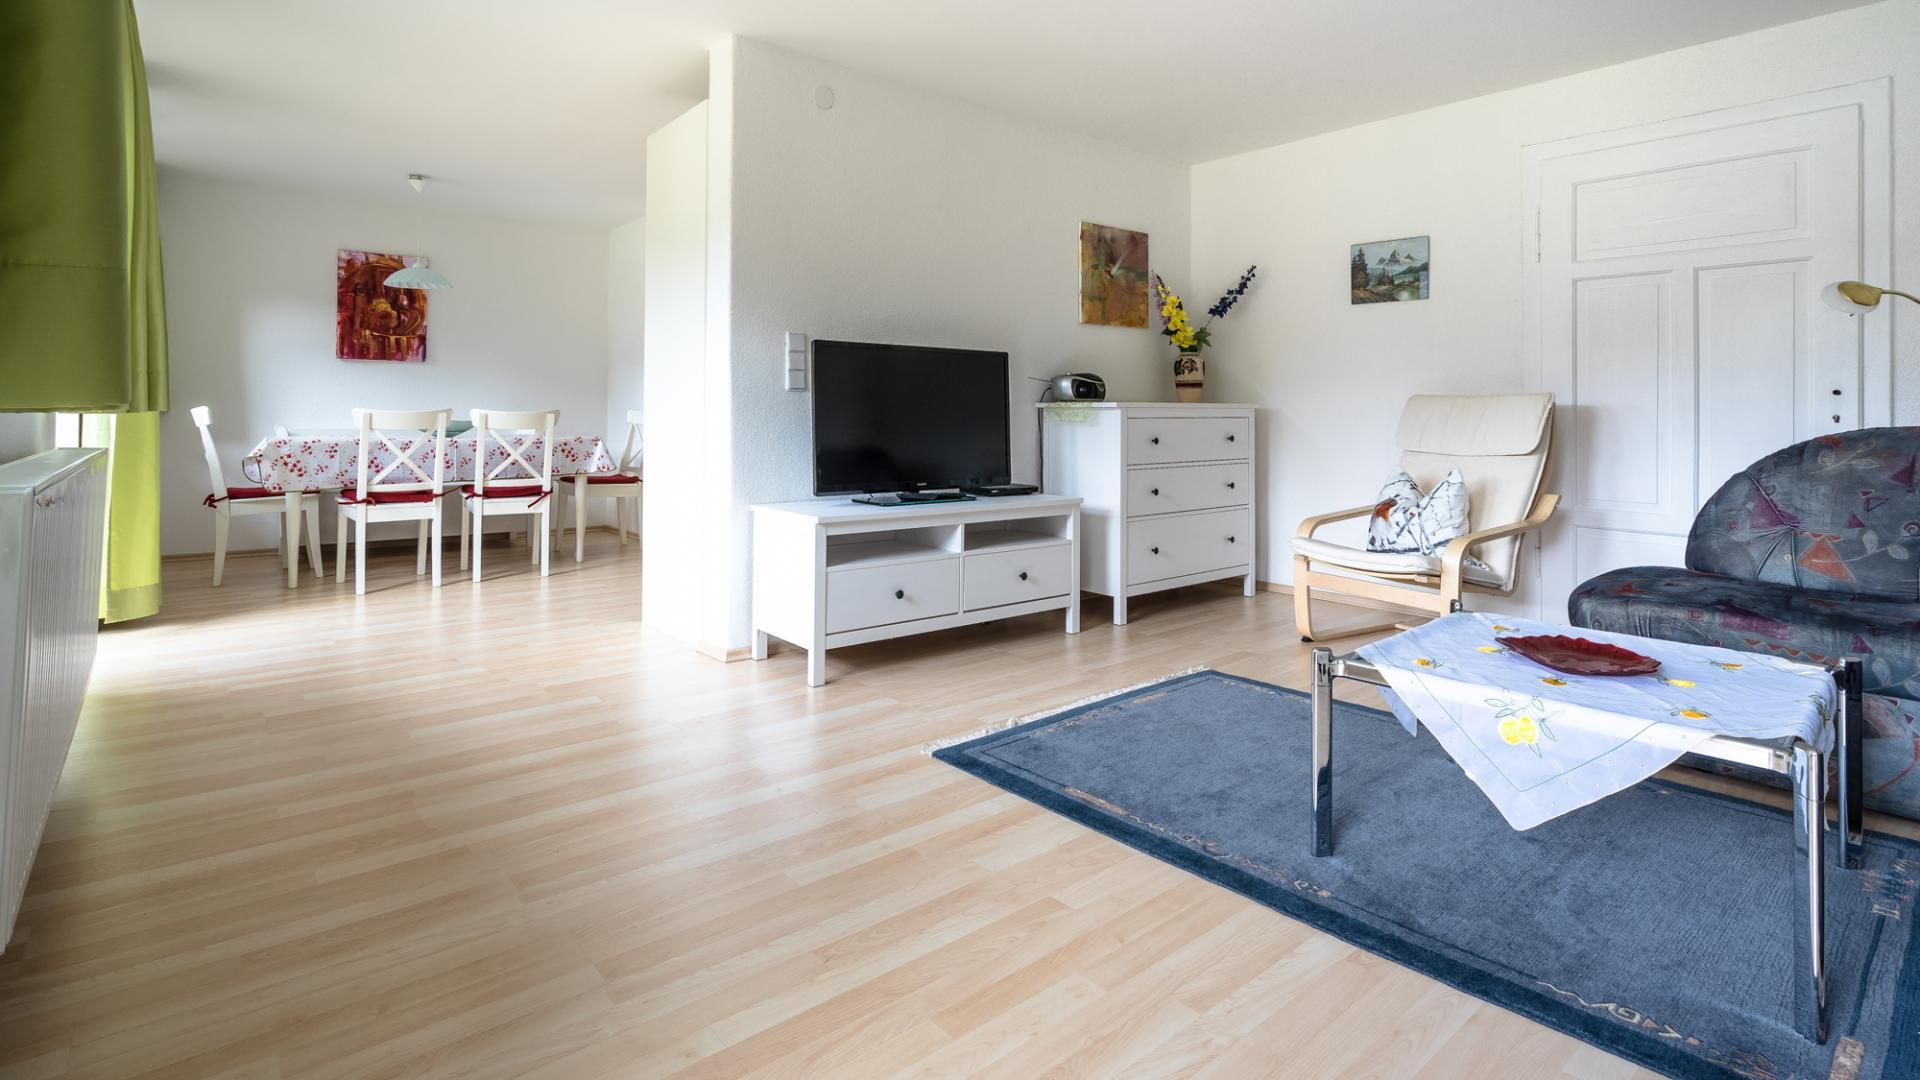 Landhaus Riedl #Willkommen#Wohneinheiten#Bildergalerie